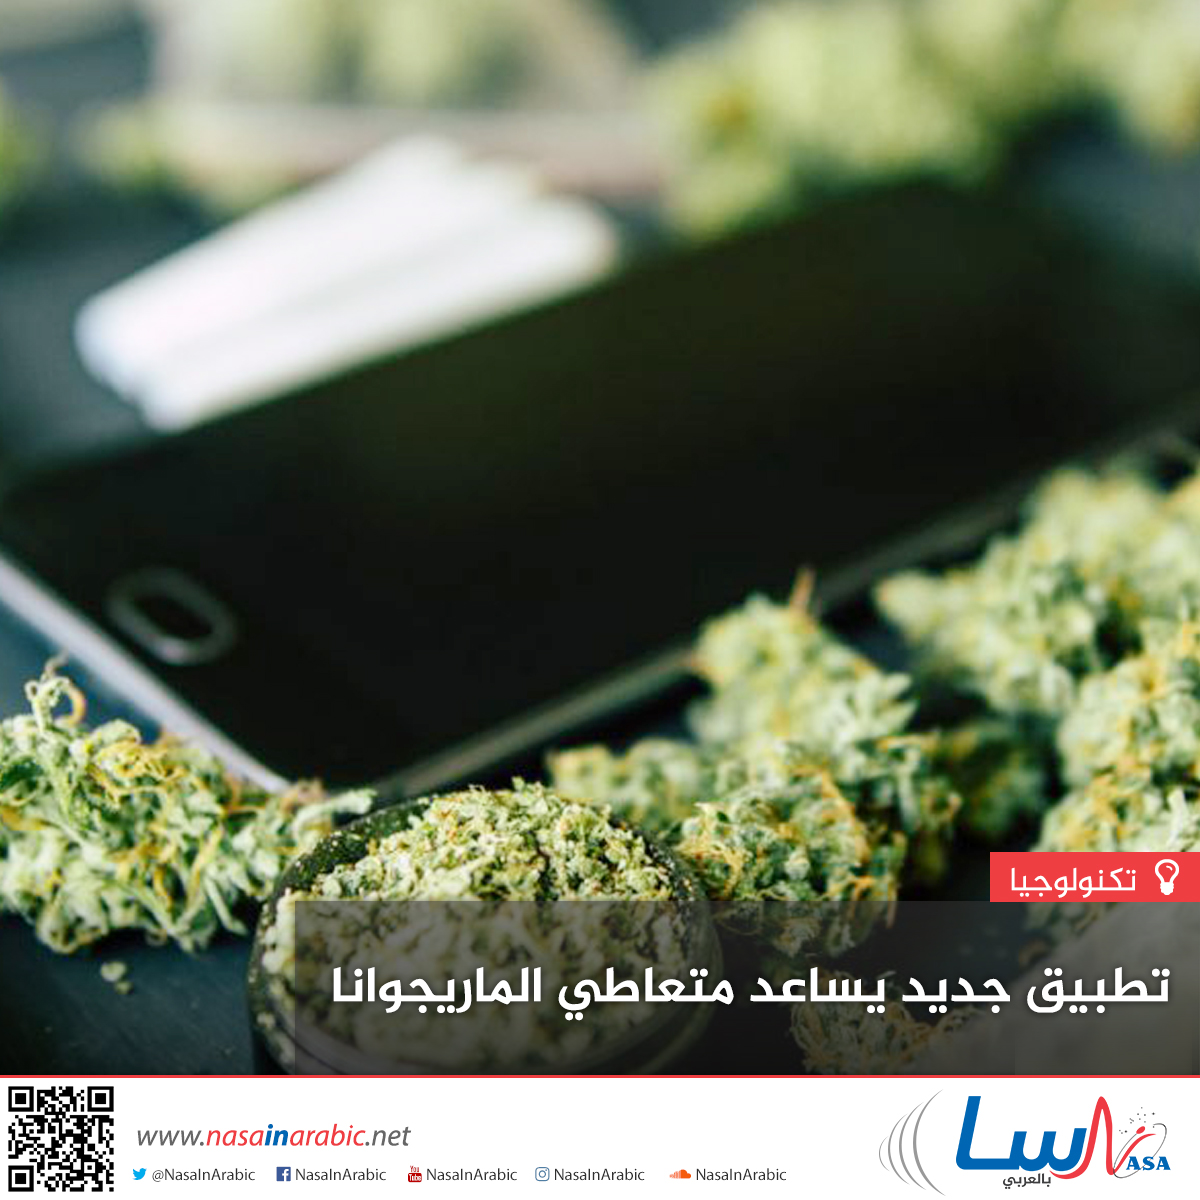 تطبيق جديد يساعد متعاطي الماريجوانا